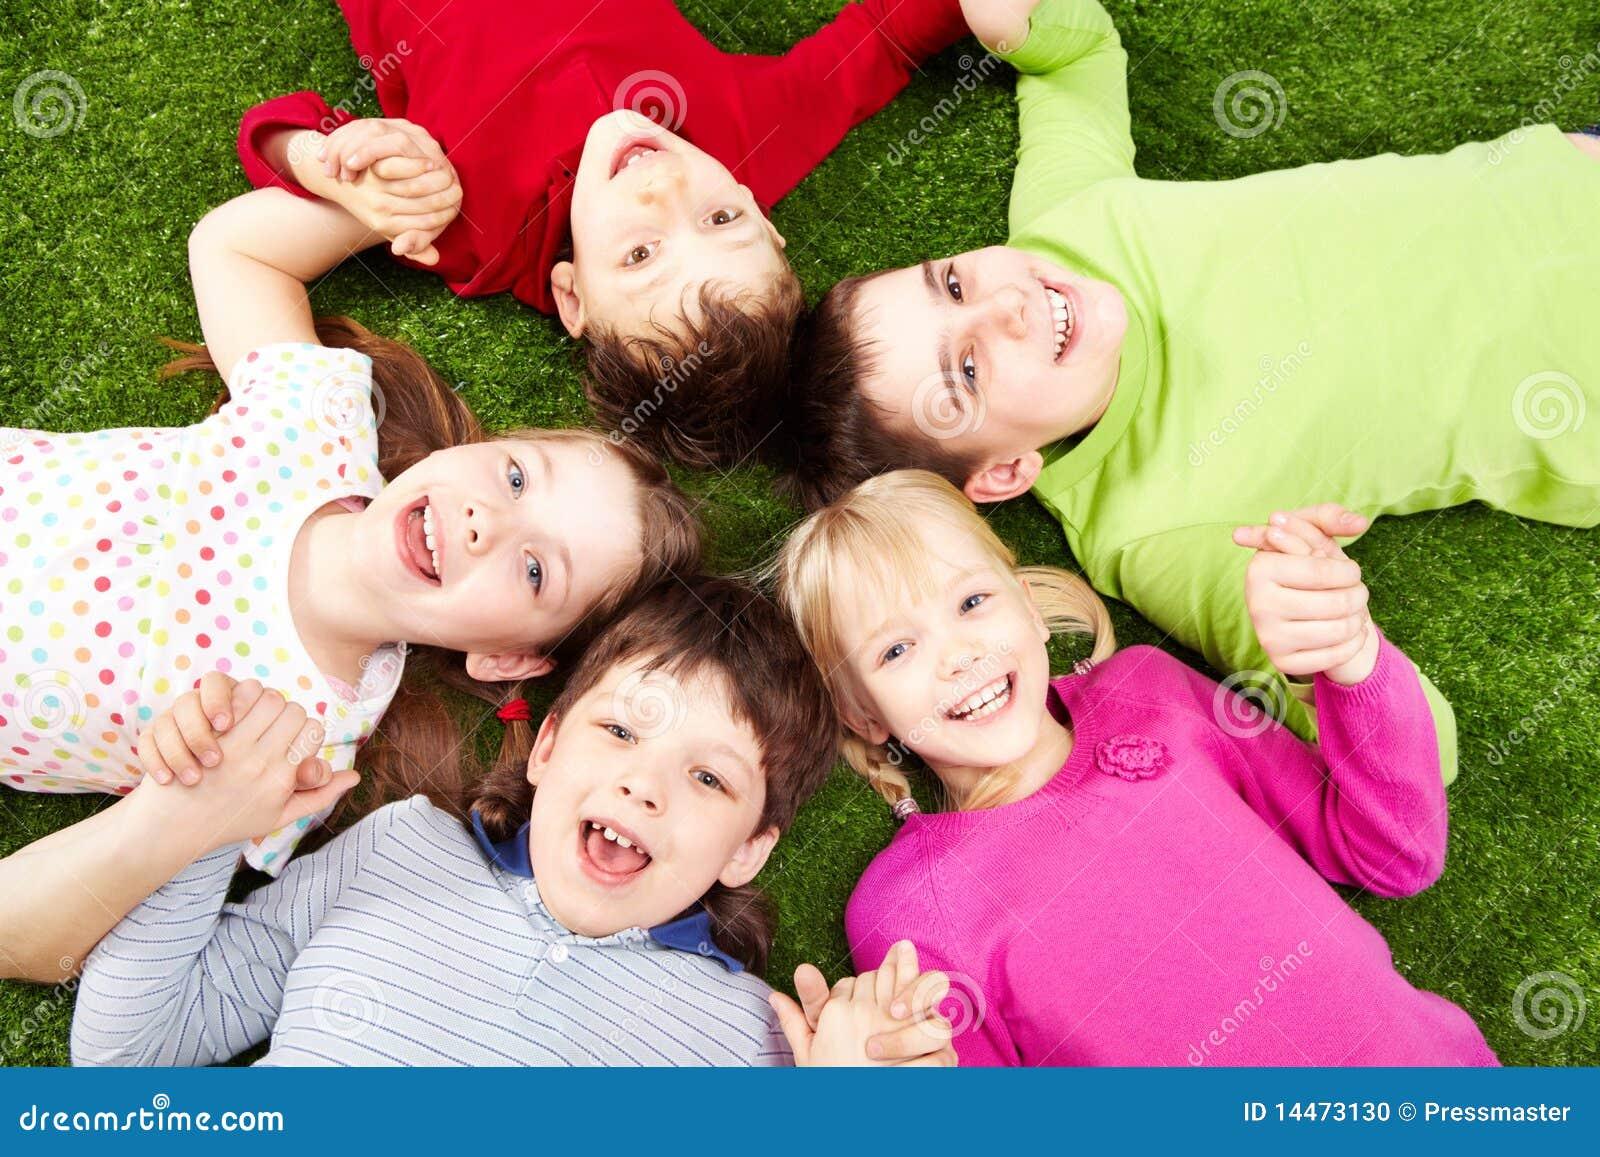 Meninos E Meninas De Nacionalidades Diferentes Childre: Crianças Felizes Foto De Stock